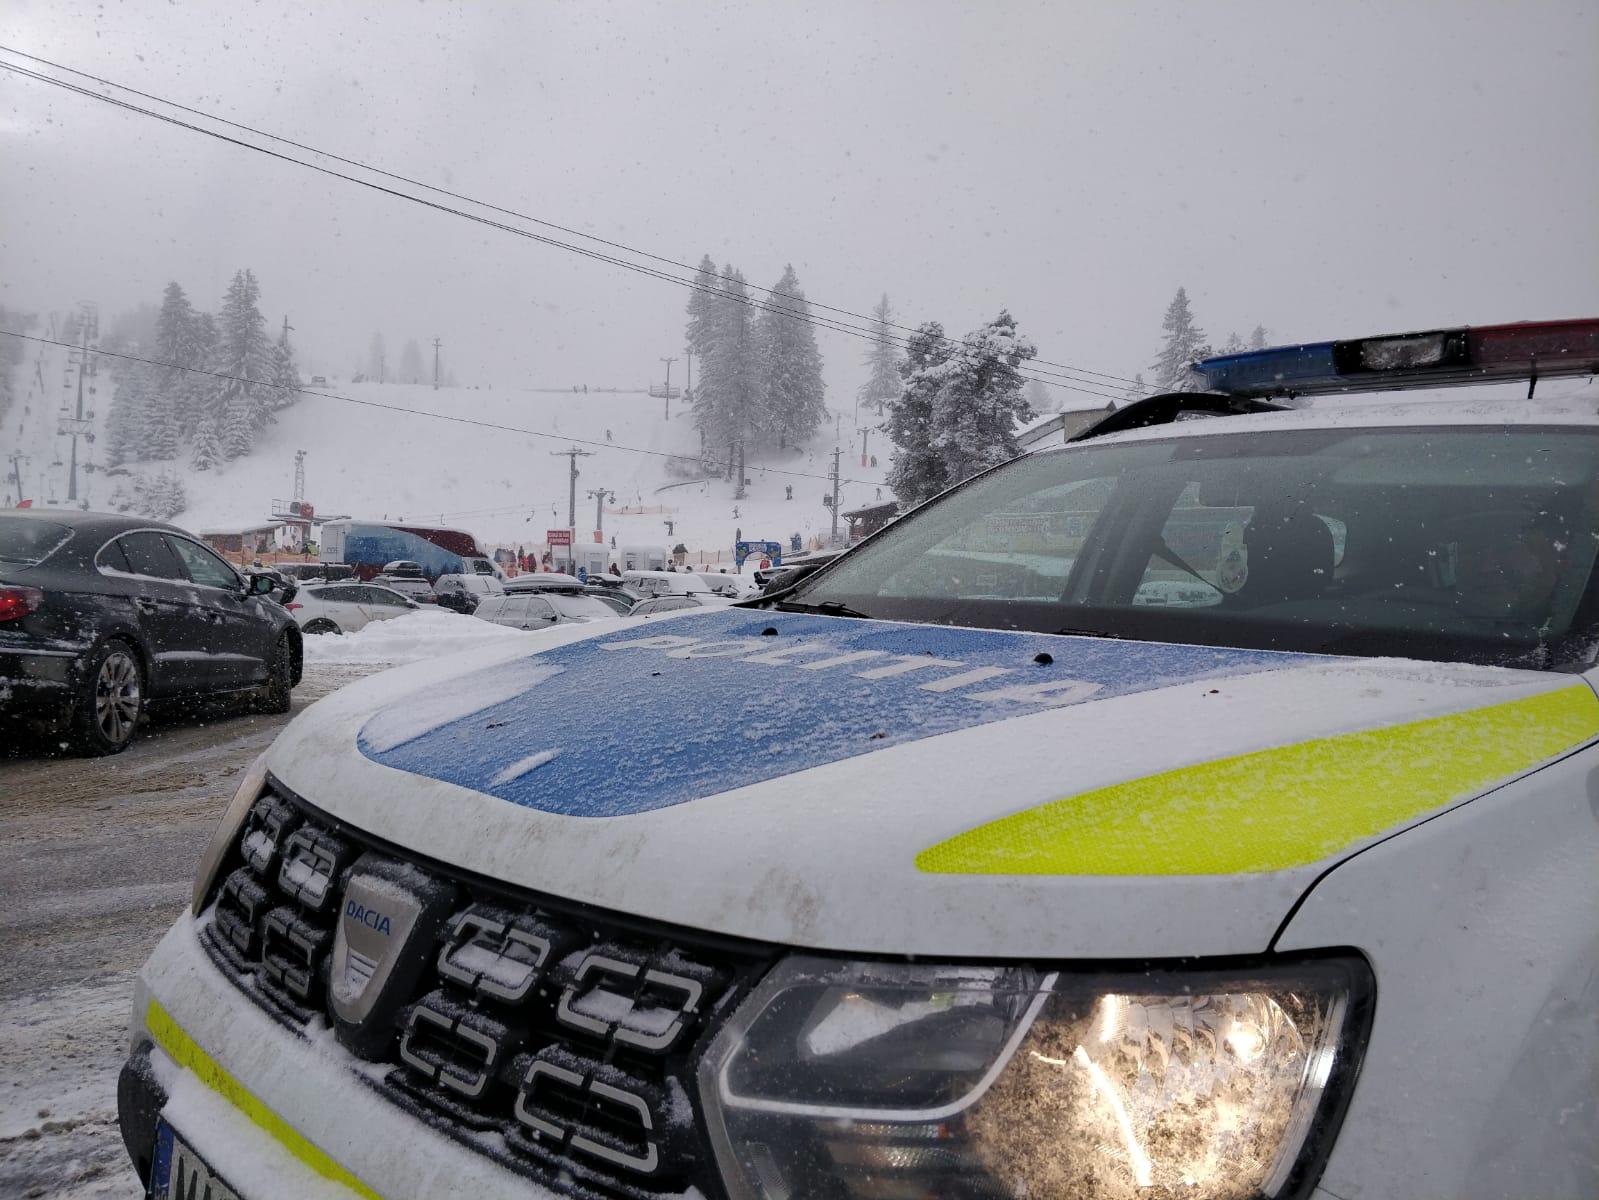 Traficul pe drumul spre Păltiniș se desfășoară fără probleme, în condiții de iarnă